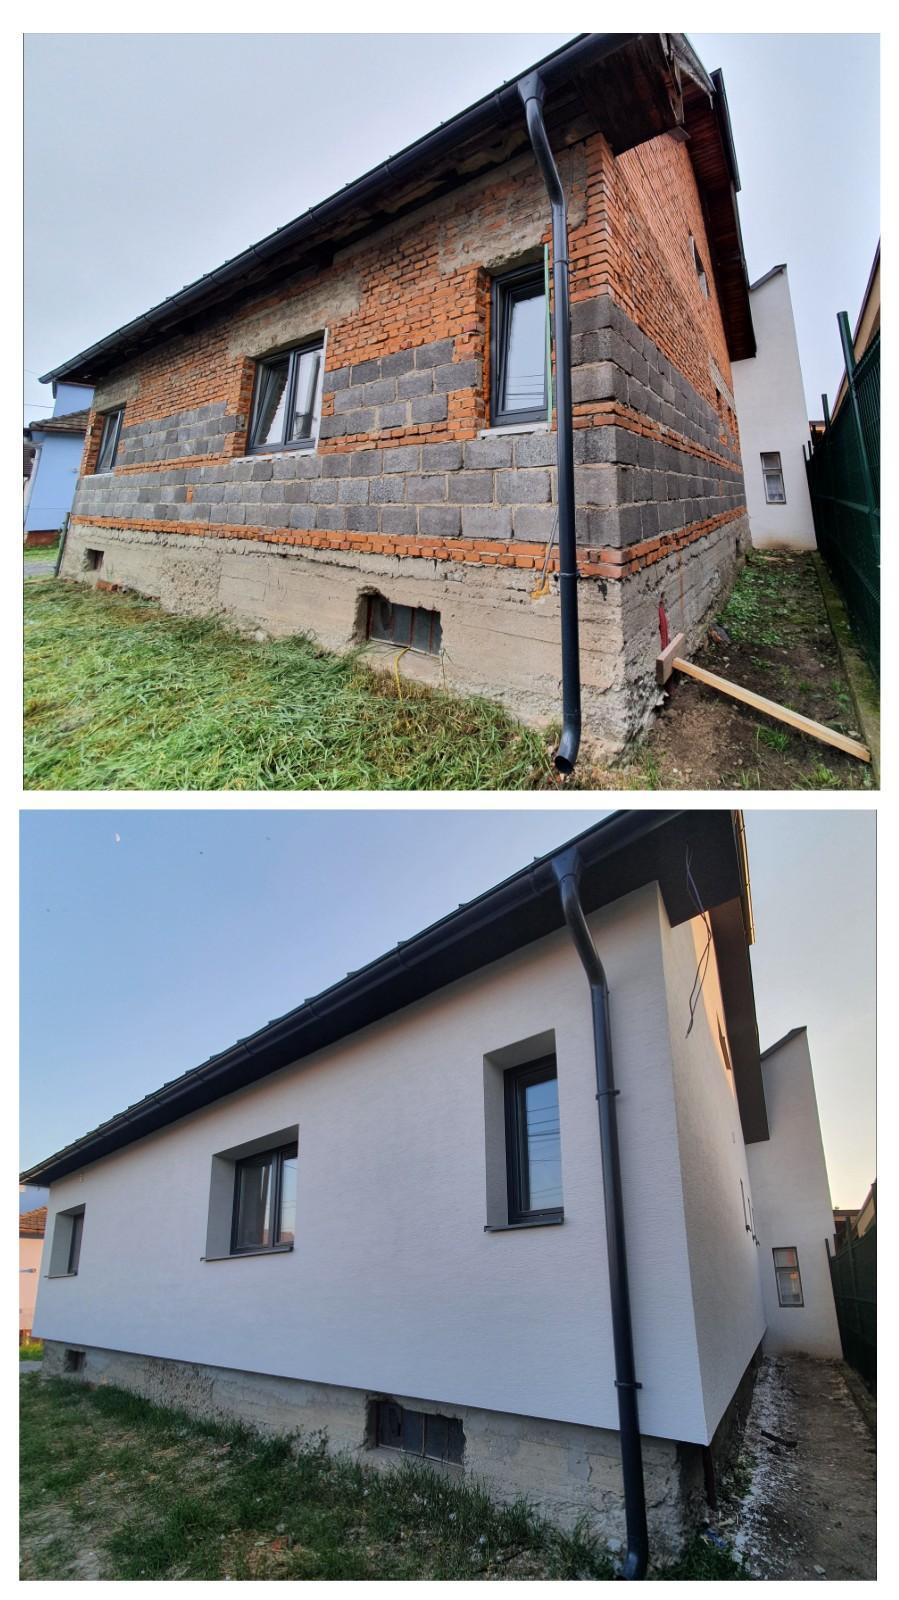 Rekonštrukcia domu-alebo chceme si splniť sen =》🏠🌻🌼🐶  mat domcek a vratit sa na Slovensko - Obrázok č. 769